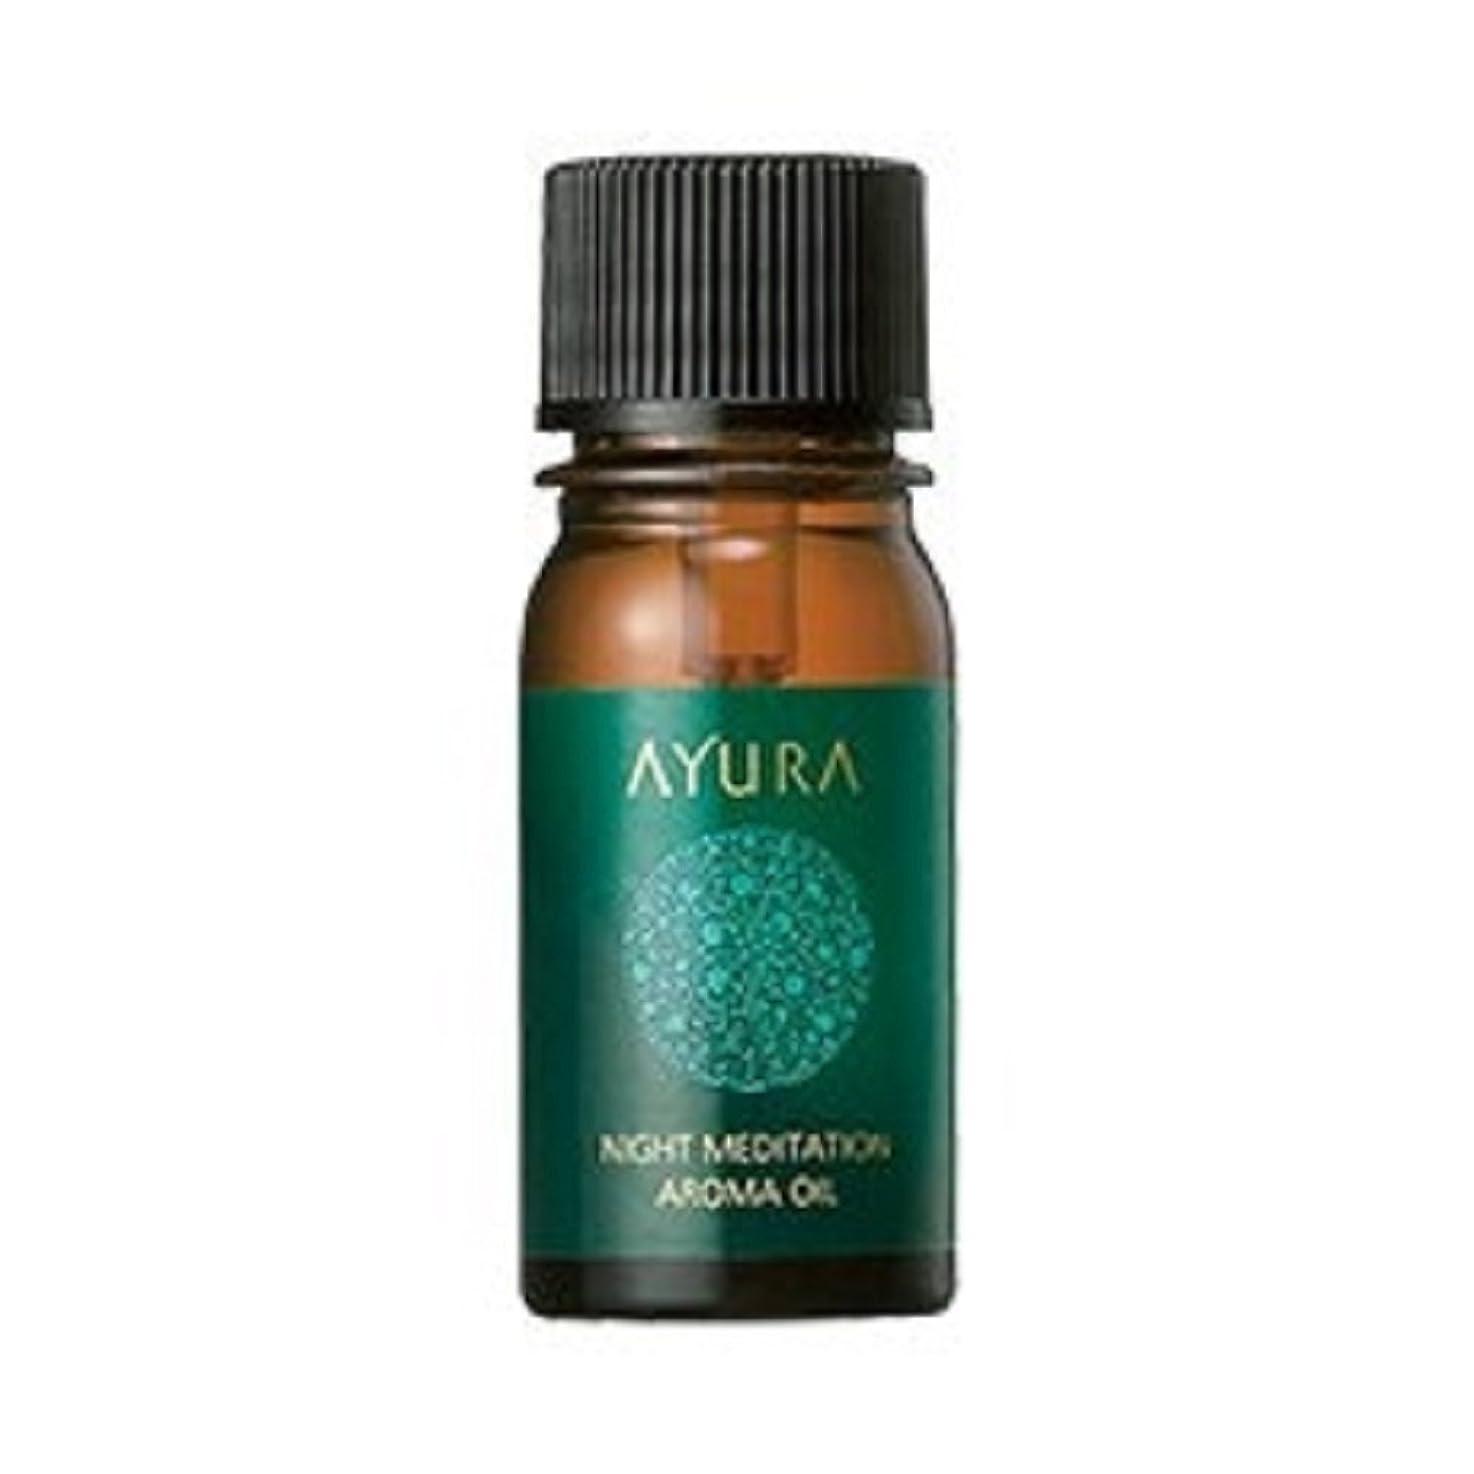 フライカイト茎雇ったアユーラ (AYURA) ナイトメディテーション アロマオイル 5mL 深い安らぎ誘うアロマティックハーブの香り